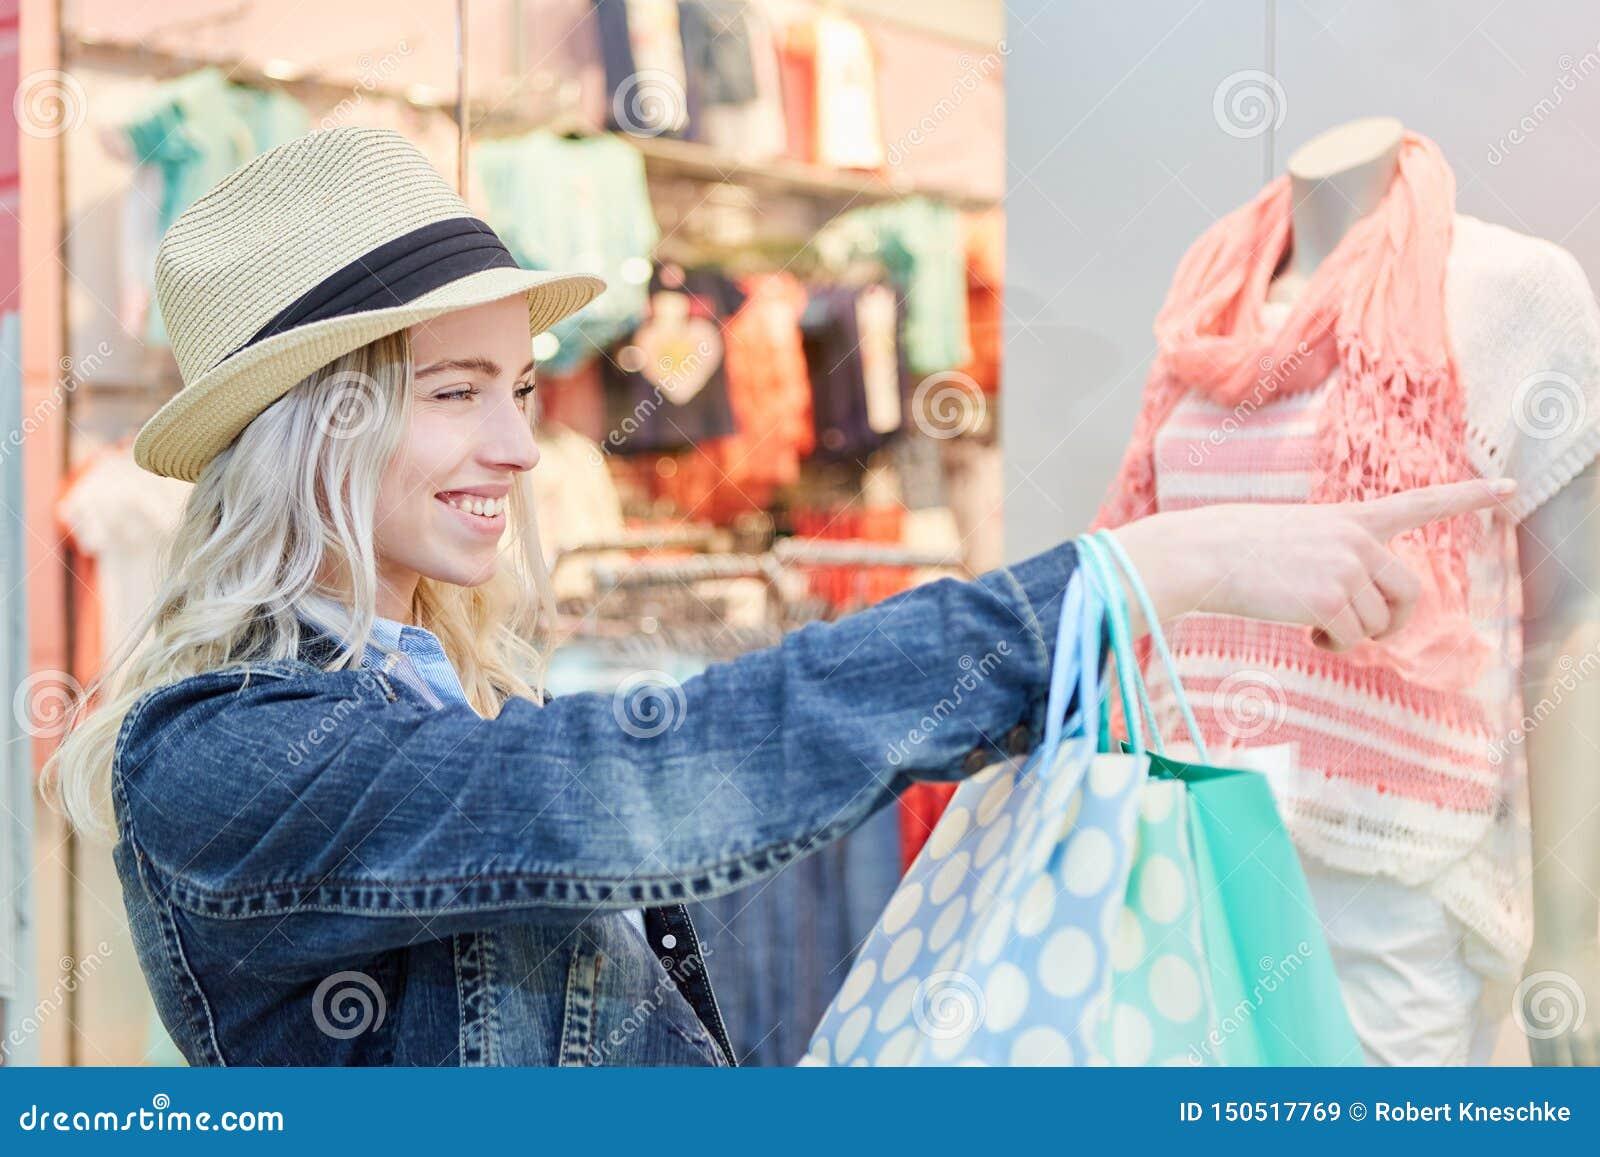 Jonge blonde vrouw voor een boutique